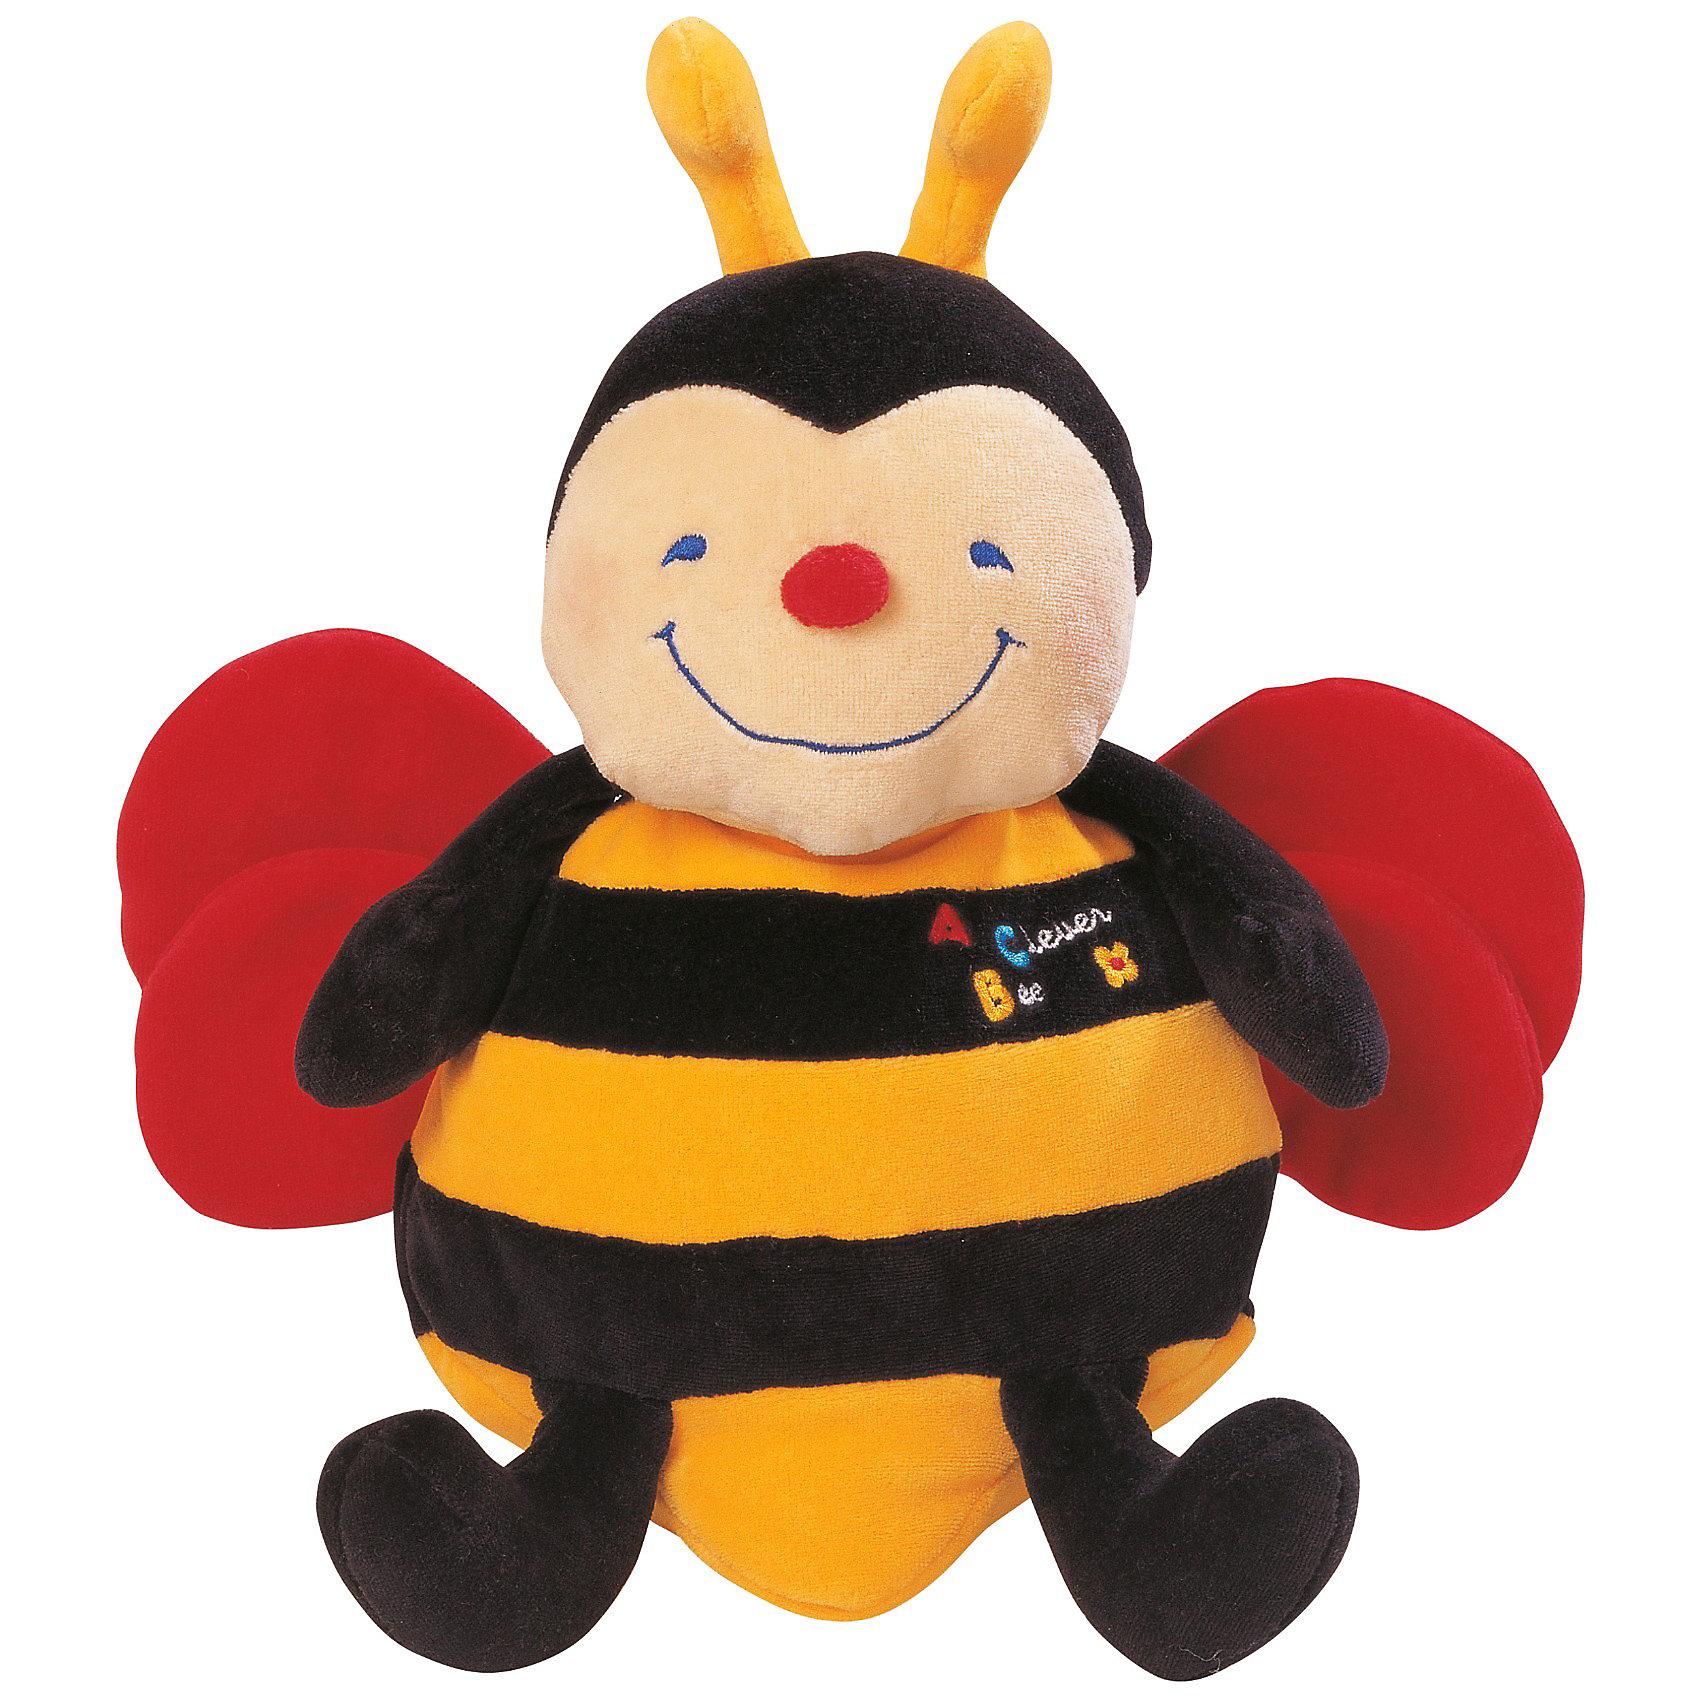 Игрушка Пчела музыкальная, Ks KidsИгрушка Пчела музыкальная, K's Kids – мягкая жизнерадостная пчелка, которая может петь и хихикать.<br><br>У пчелки шуршащие крылышки, мягкие ножки, а в ручках и хвостике находится сыпучий наполнитель, который так полезно перебирать маленькими пальчиками. Если малыш нажмет на животик пчелки или обнимет ее, она споет ему веселую песенку или будет хихикать от удовольствия. <br><br>Дополнительная информация:<br><br>- Размер: 20х26х14 см<br>- Материал: текстиль, плюш с набивкой синтетическим волокном<br><br>Игрушка Пчела музыкальная, K's Kids станет лучшим другом Вашего малыша и будет поднимать ему настроение. Игрушка стимулирует умственное и эмоциональное развитие малыша.<br><br>Игрушку Пчела музыкальная, K's Kids можно купить в нашем магазине.<br><br>Ширина мм: 280<br>Глубина мм: 97<br>Высота мм: 280<br>Вес г: 525<br>Возраст от месяцев: 6<br>Возраст до месяцев: 36<br>Пол: Унисекс<br>Возраст: Детский<br>SKU: 3498137